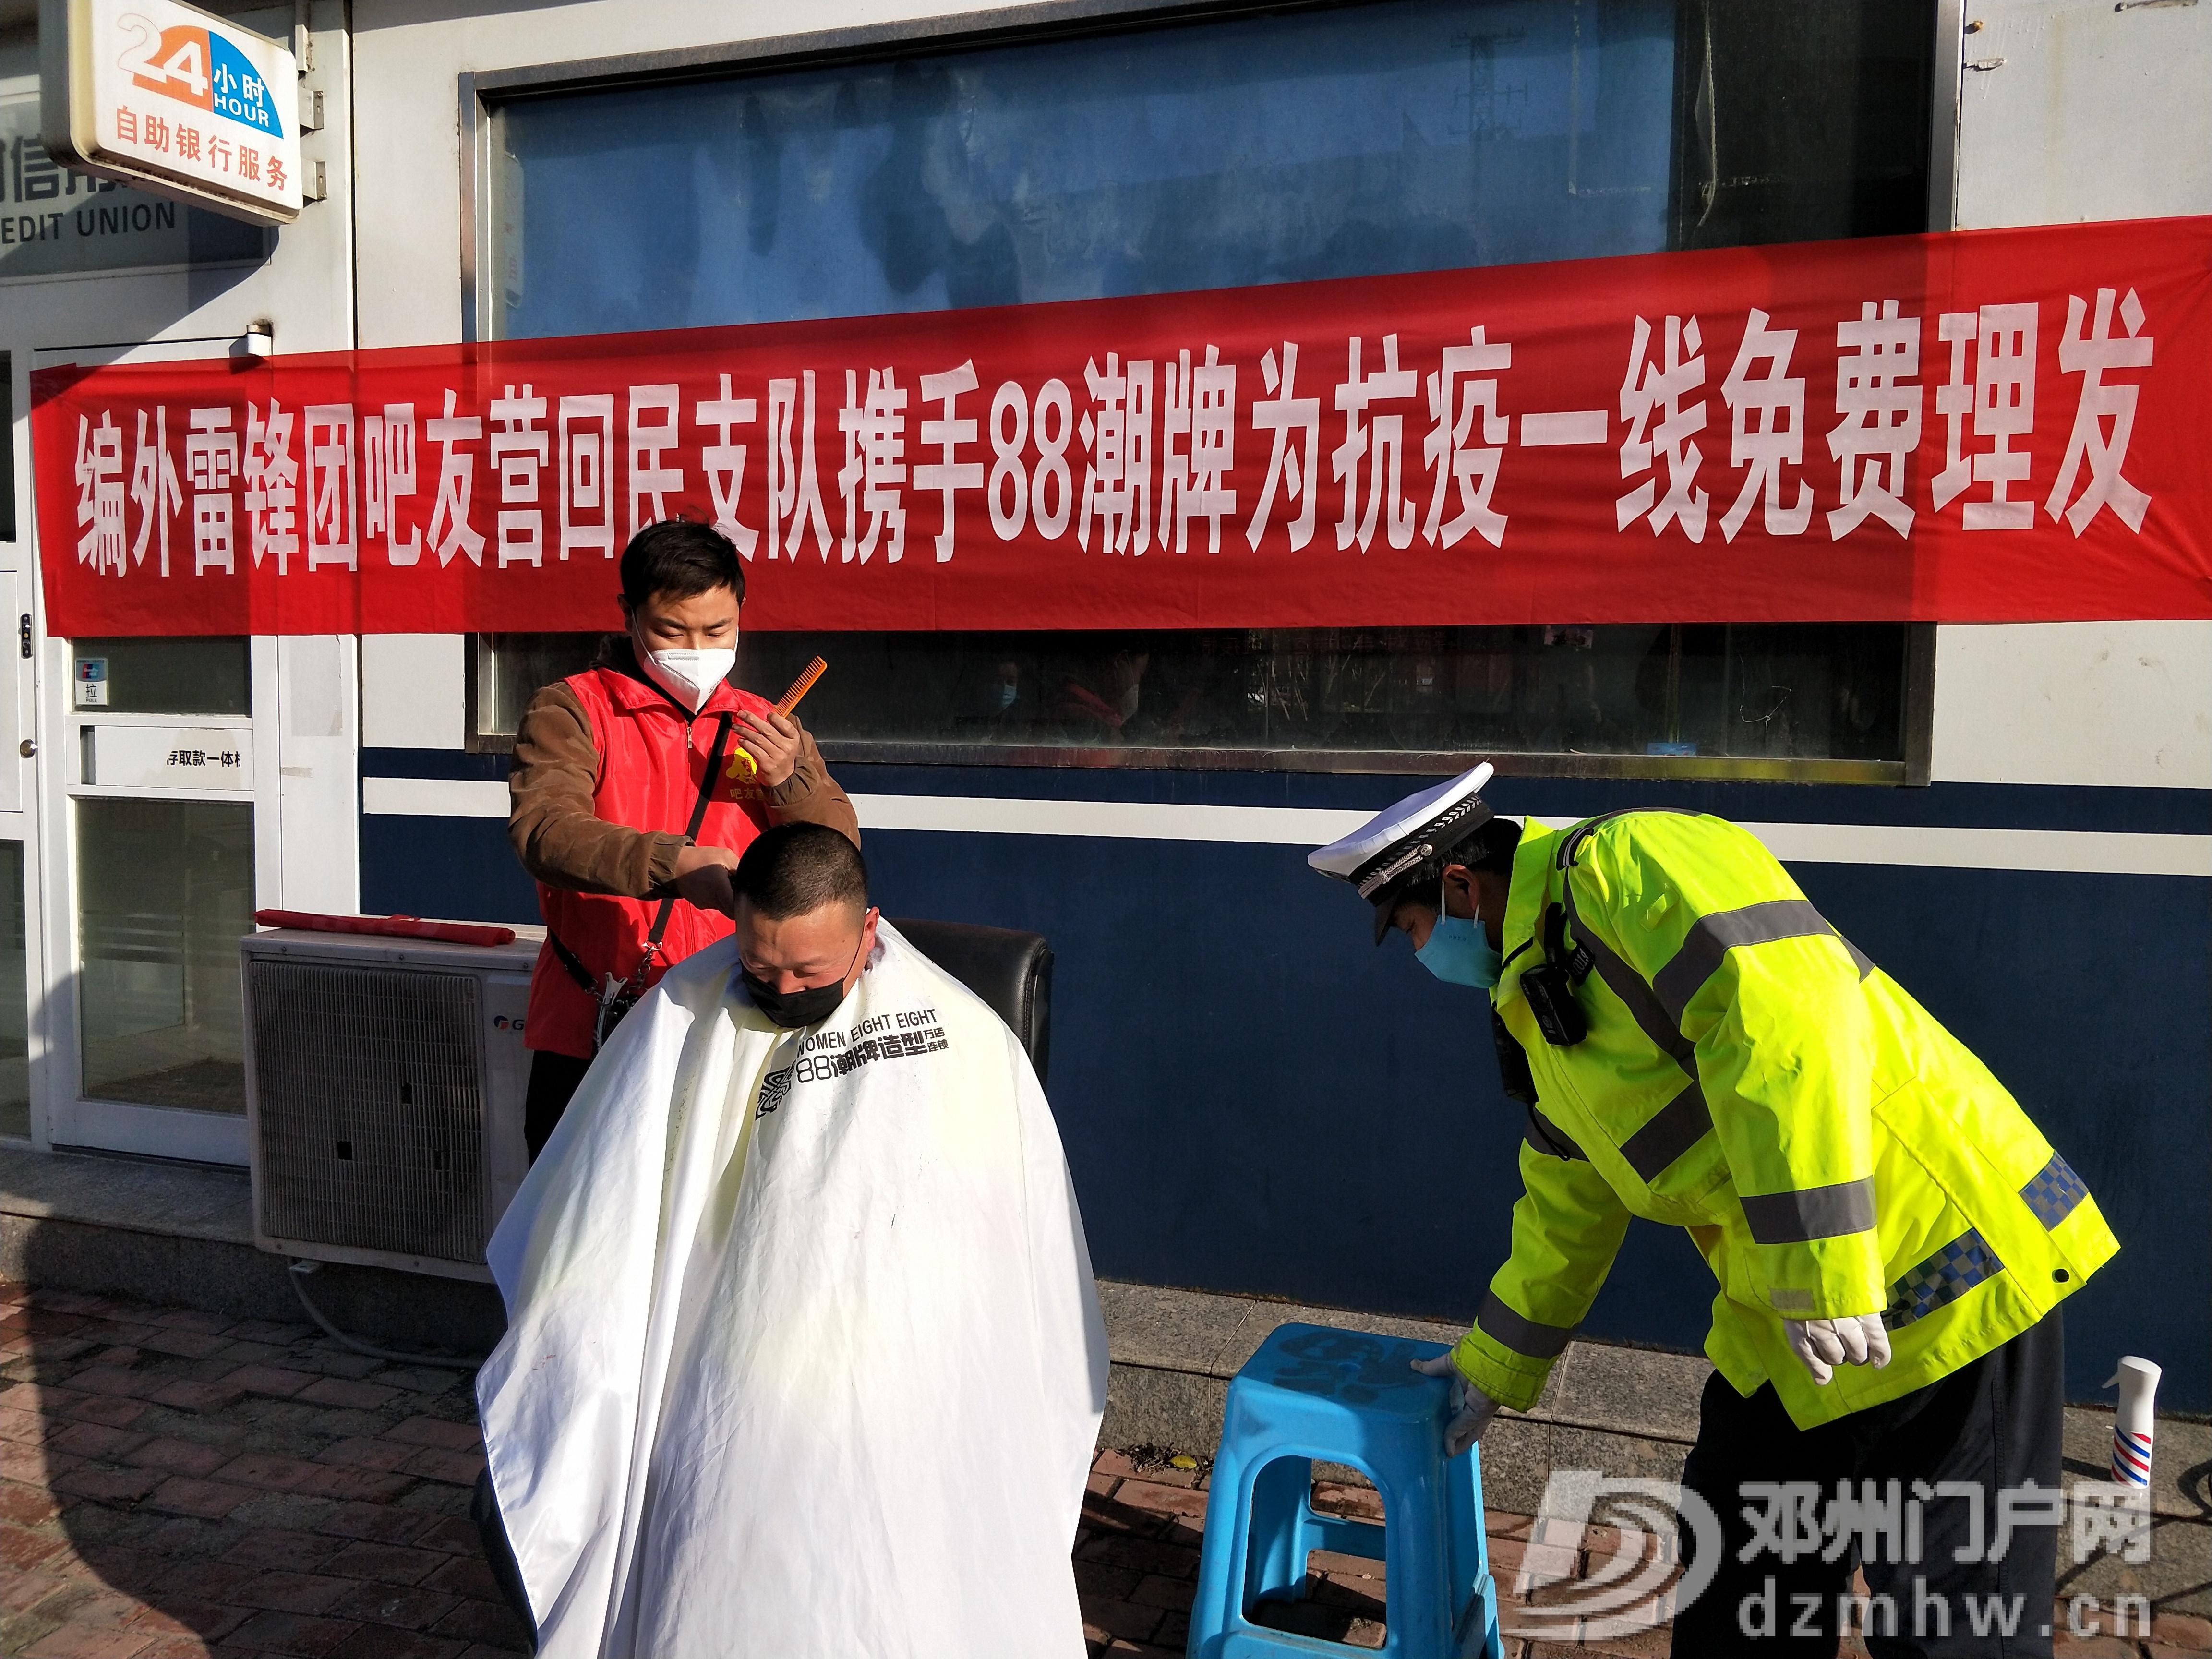 邓州市防疫战场荡起文明的风 - 邓州门户网|邓州网 - 微信图片_20200217020003.jpg